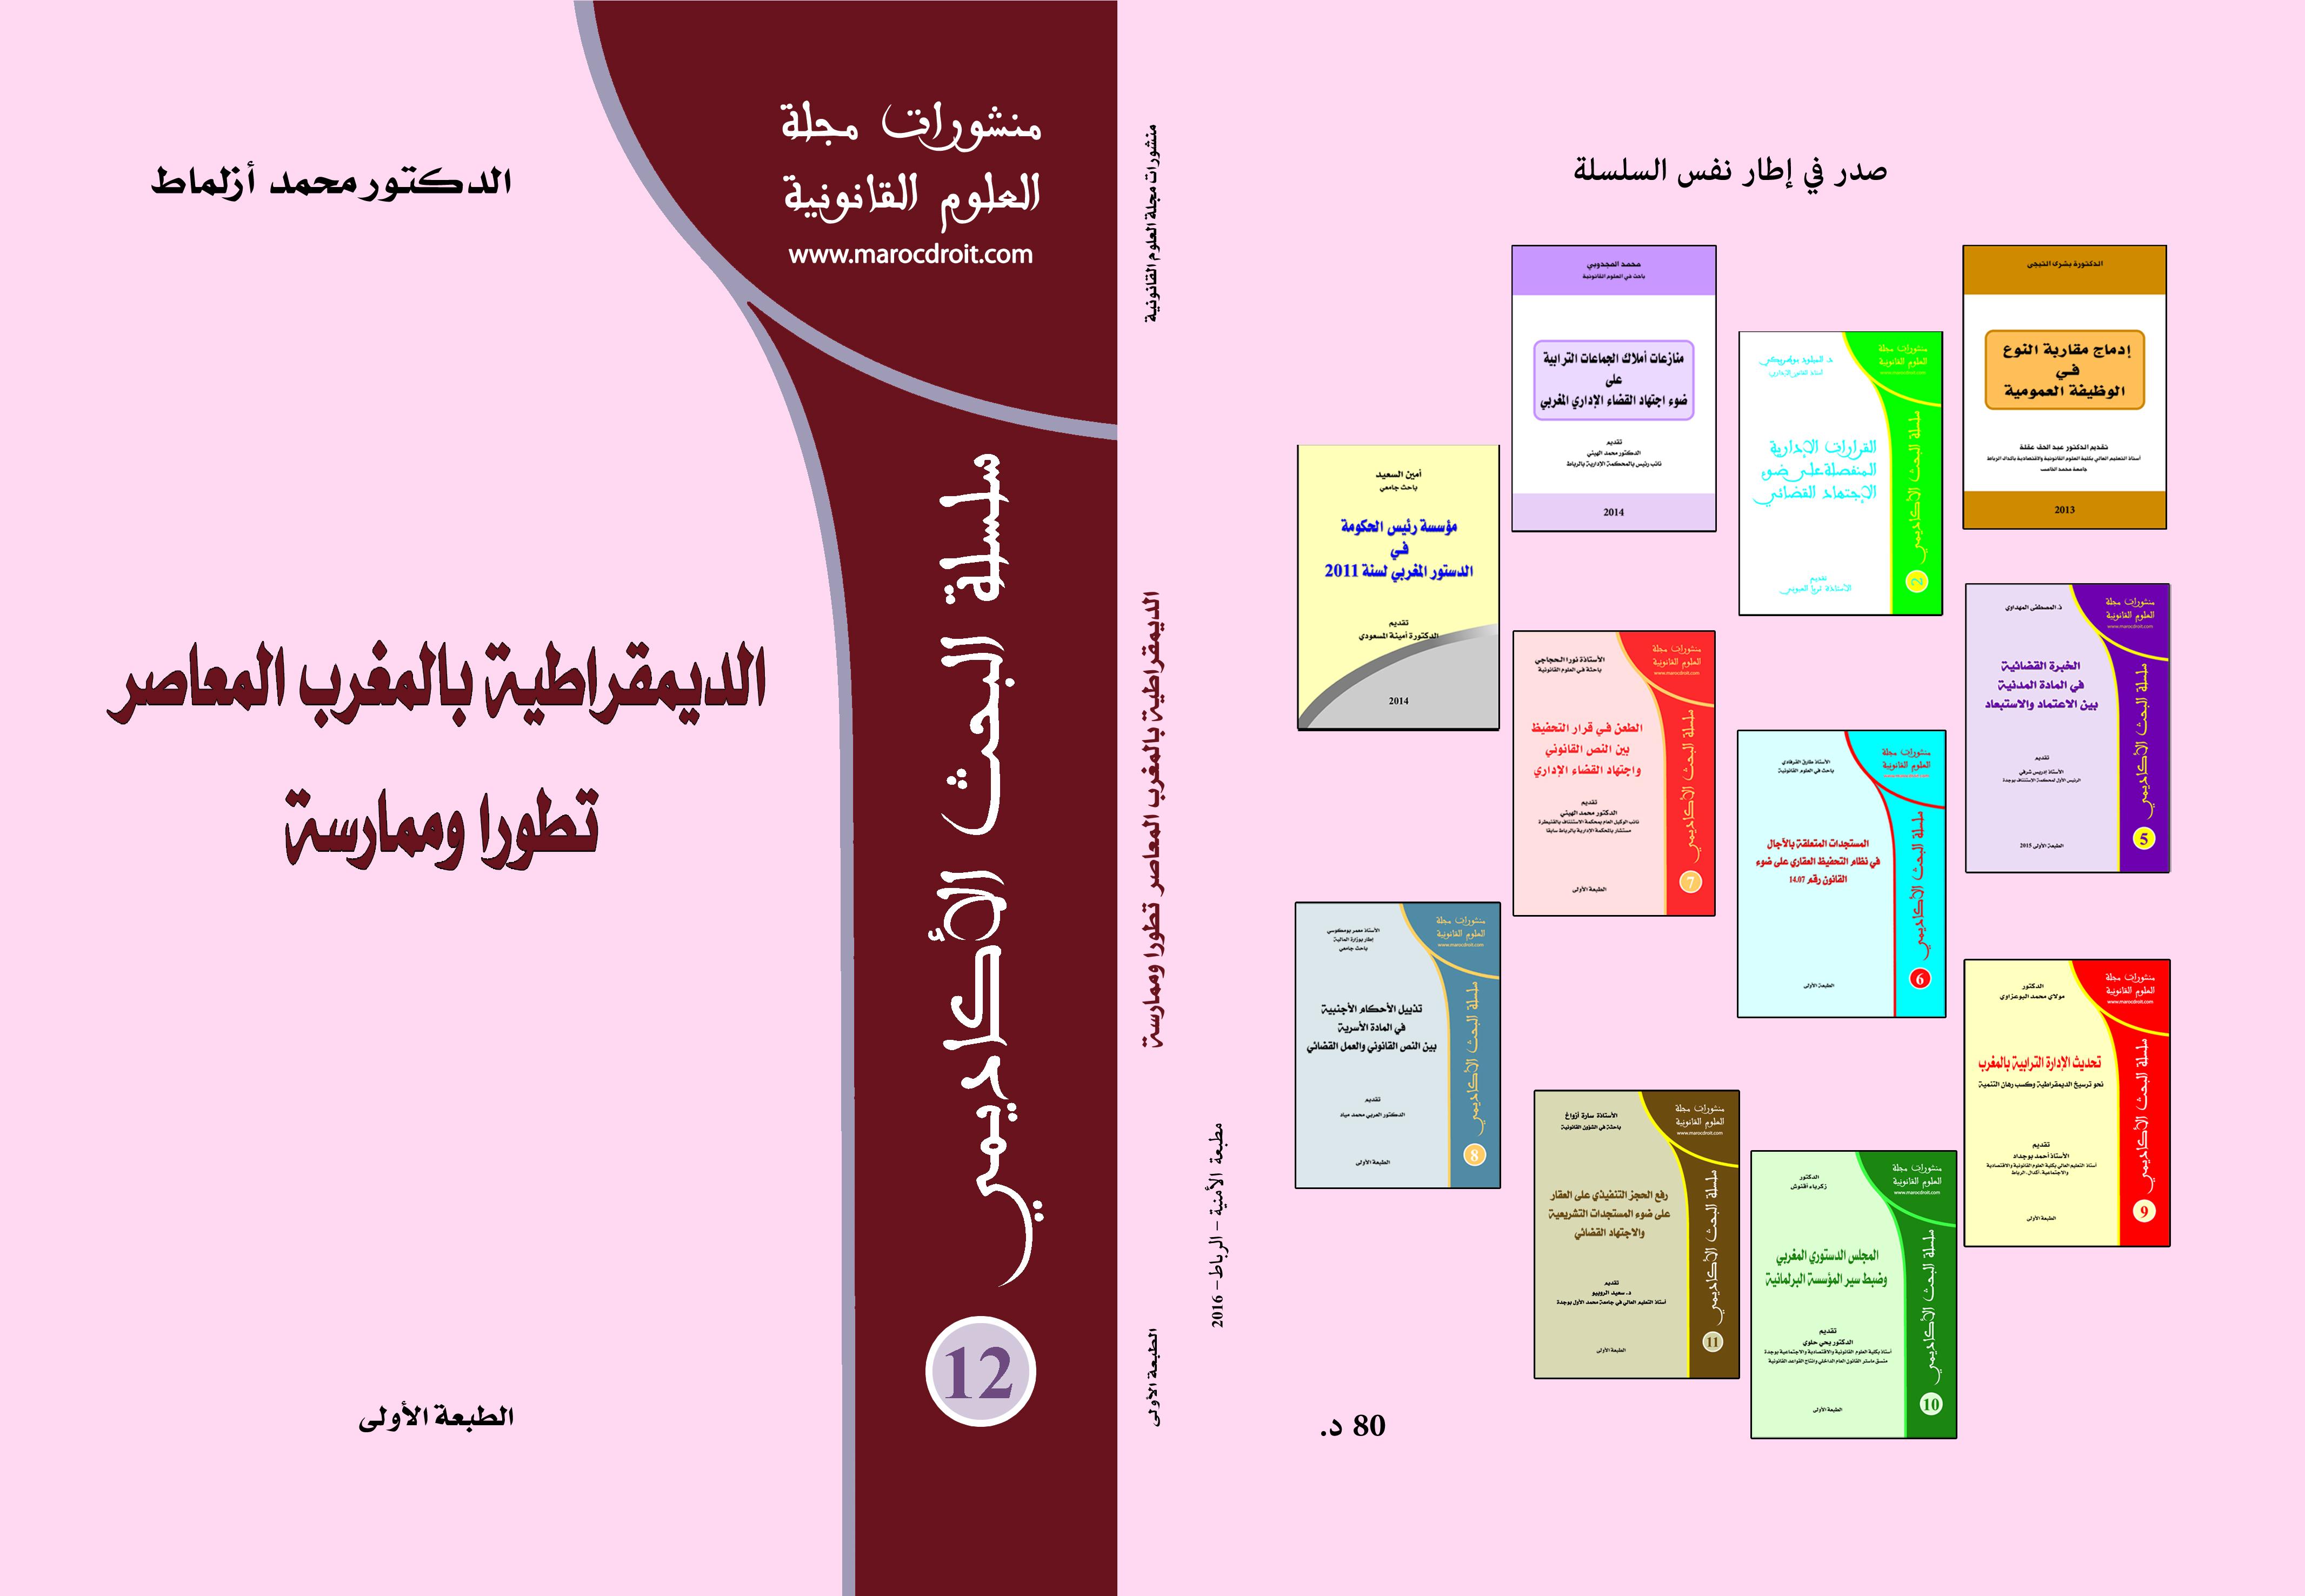 سلسلة البحث الأكاديمي (12): الديمقراطية بالمغرب المعاصر تطورا وممارسة للدكتور محمد أزلماط